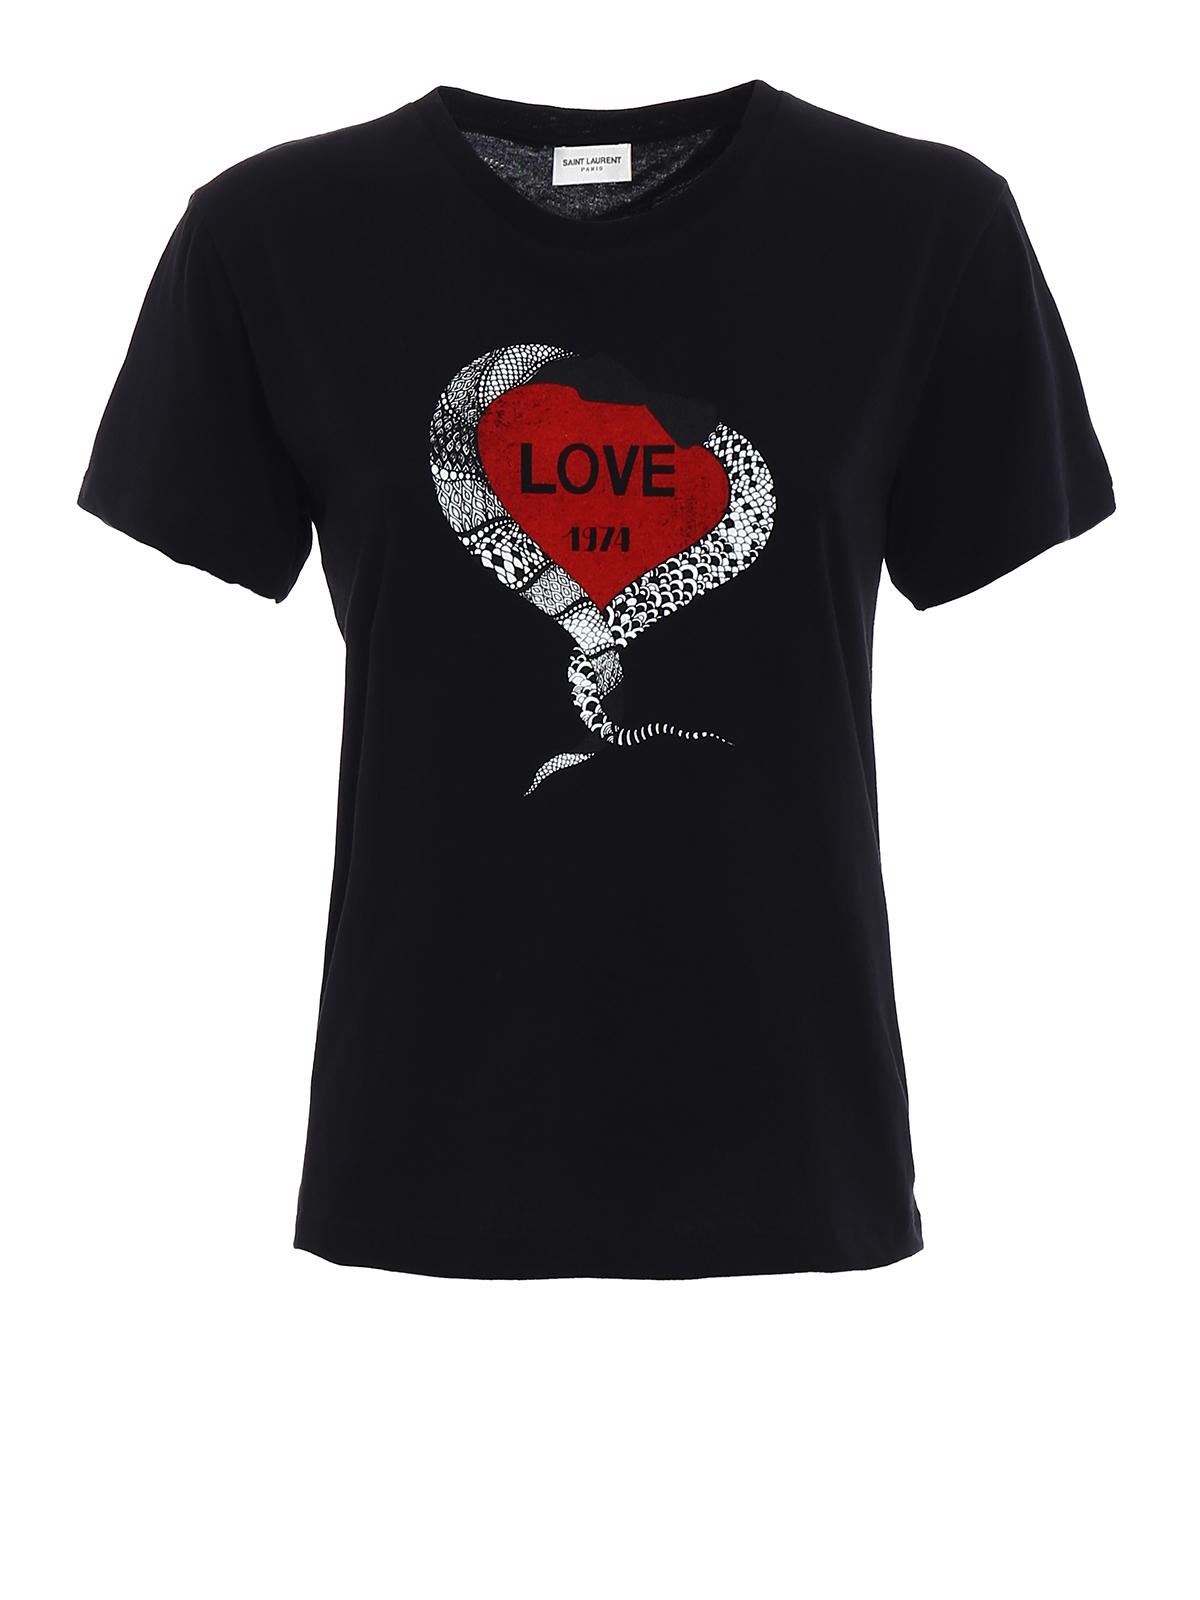 Love print cotton t shirt by saint laurent t shirts ikrix for Saint laurent t shirt